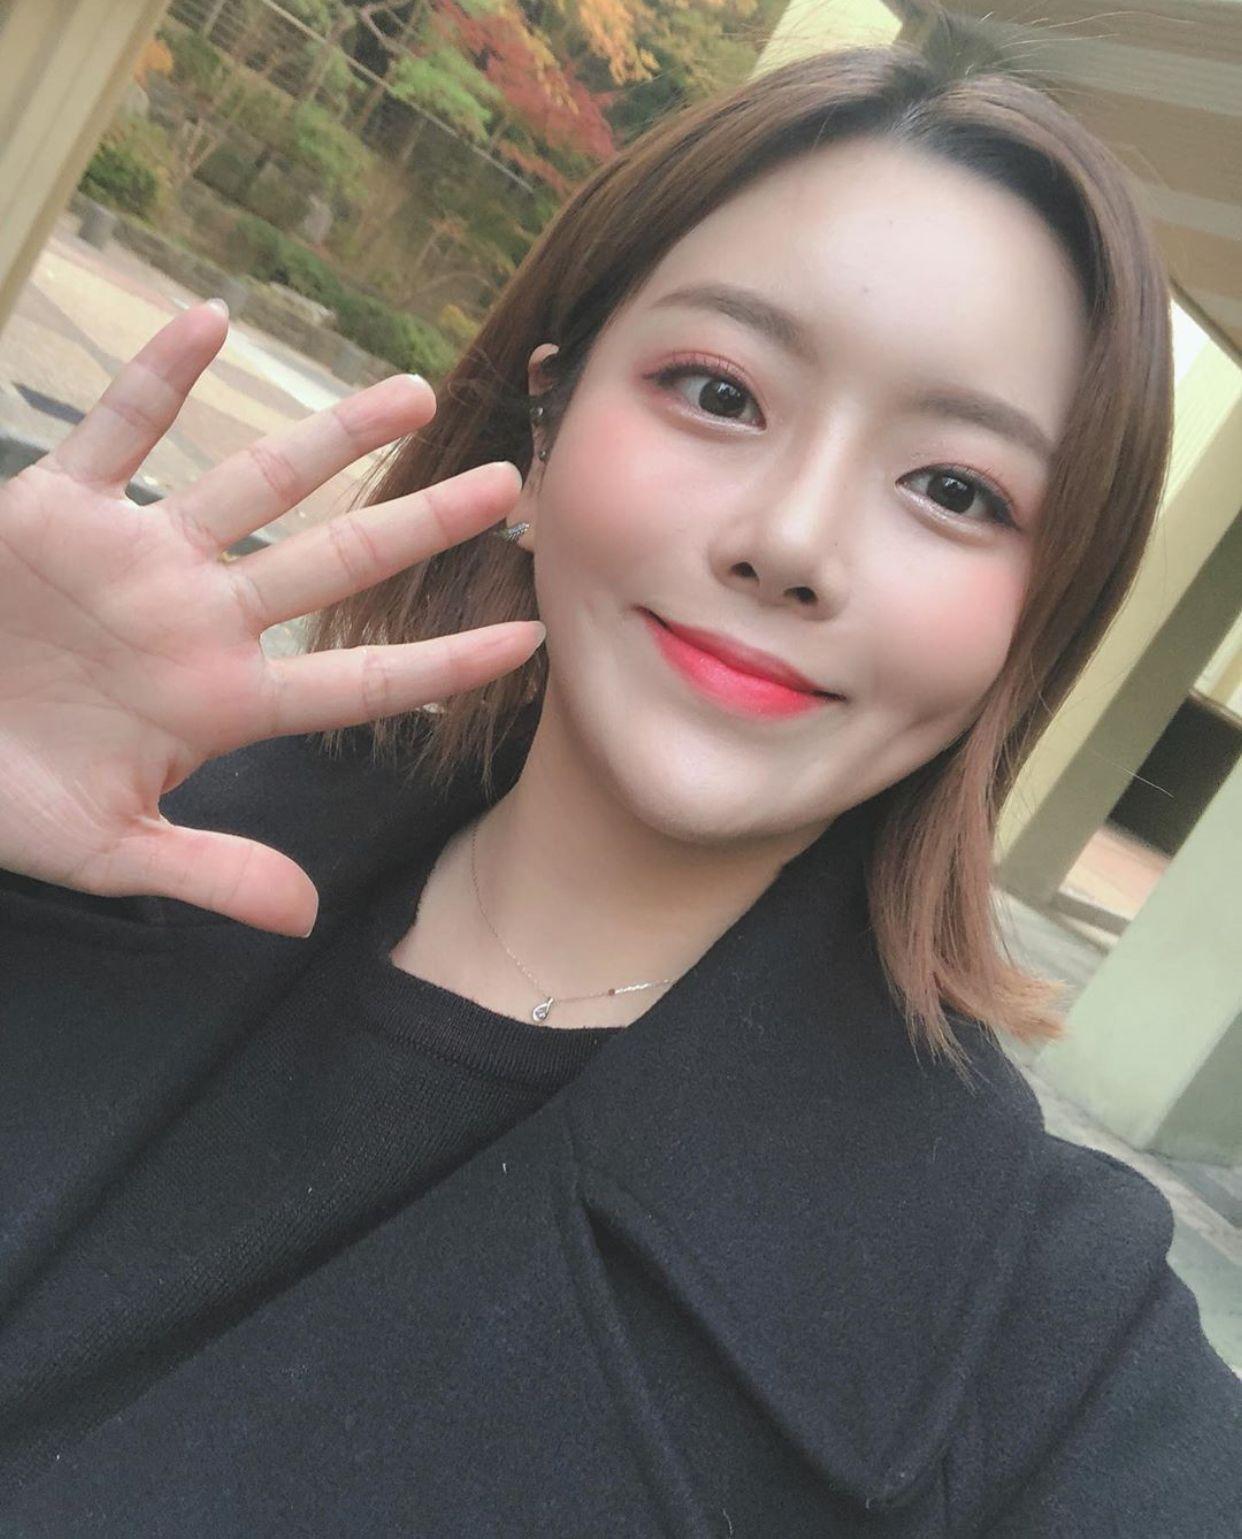 haeyeon geegu in 2020 Photo and video, Instagram, Juju